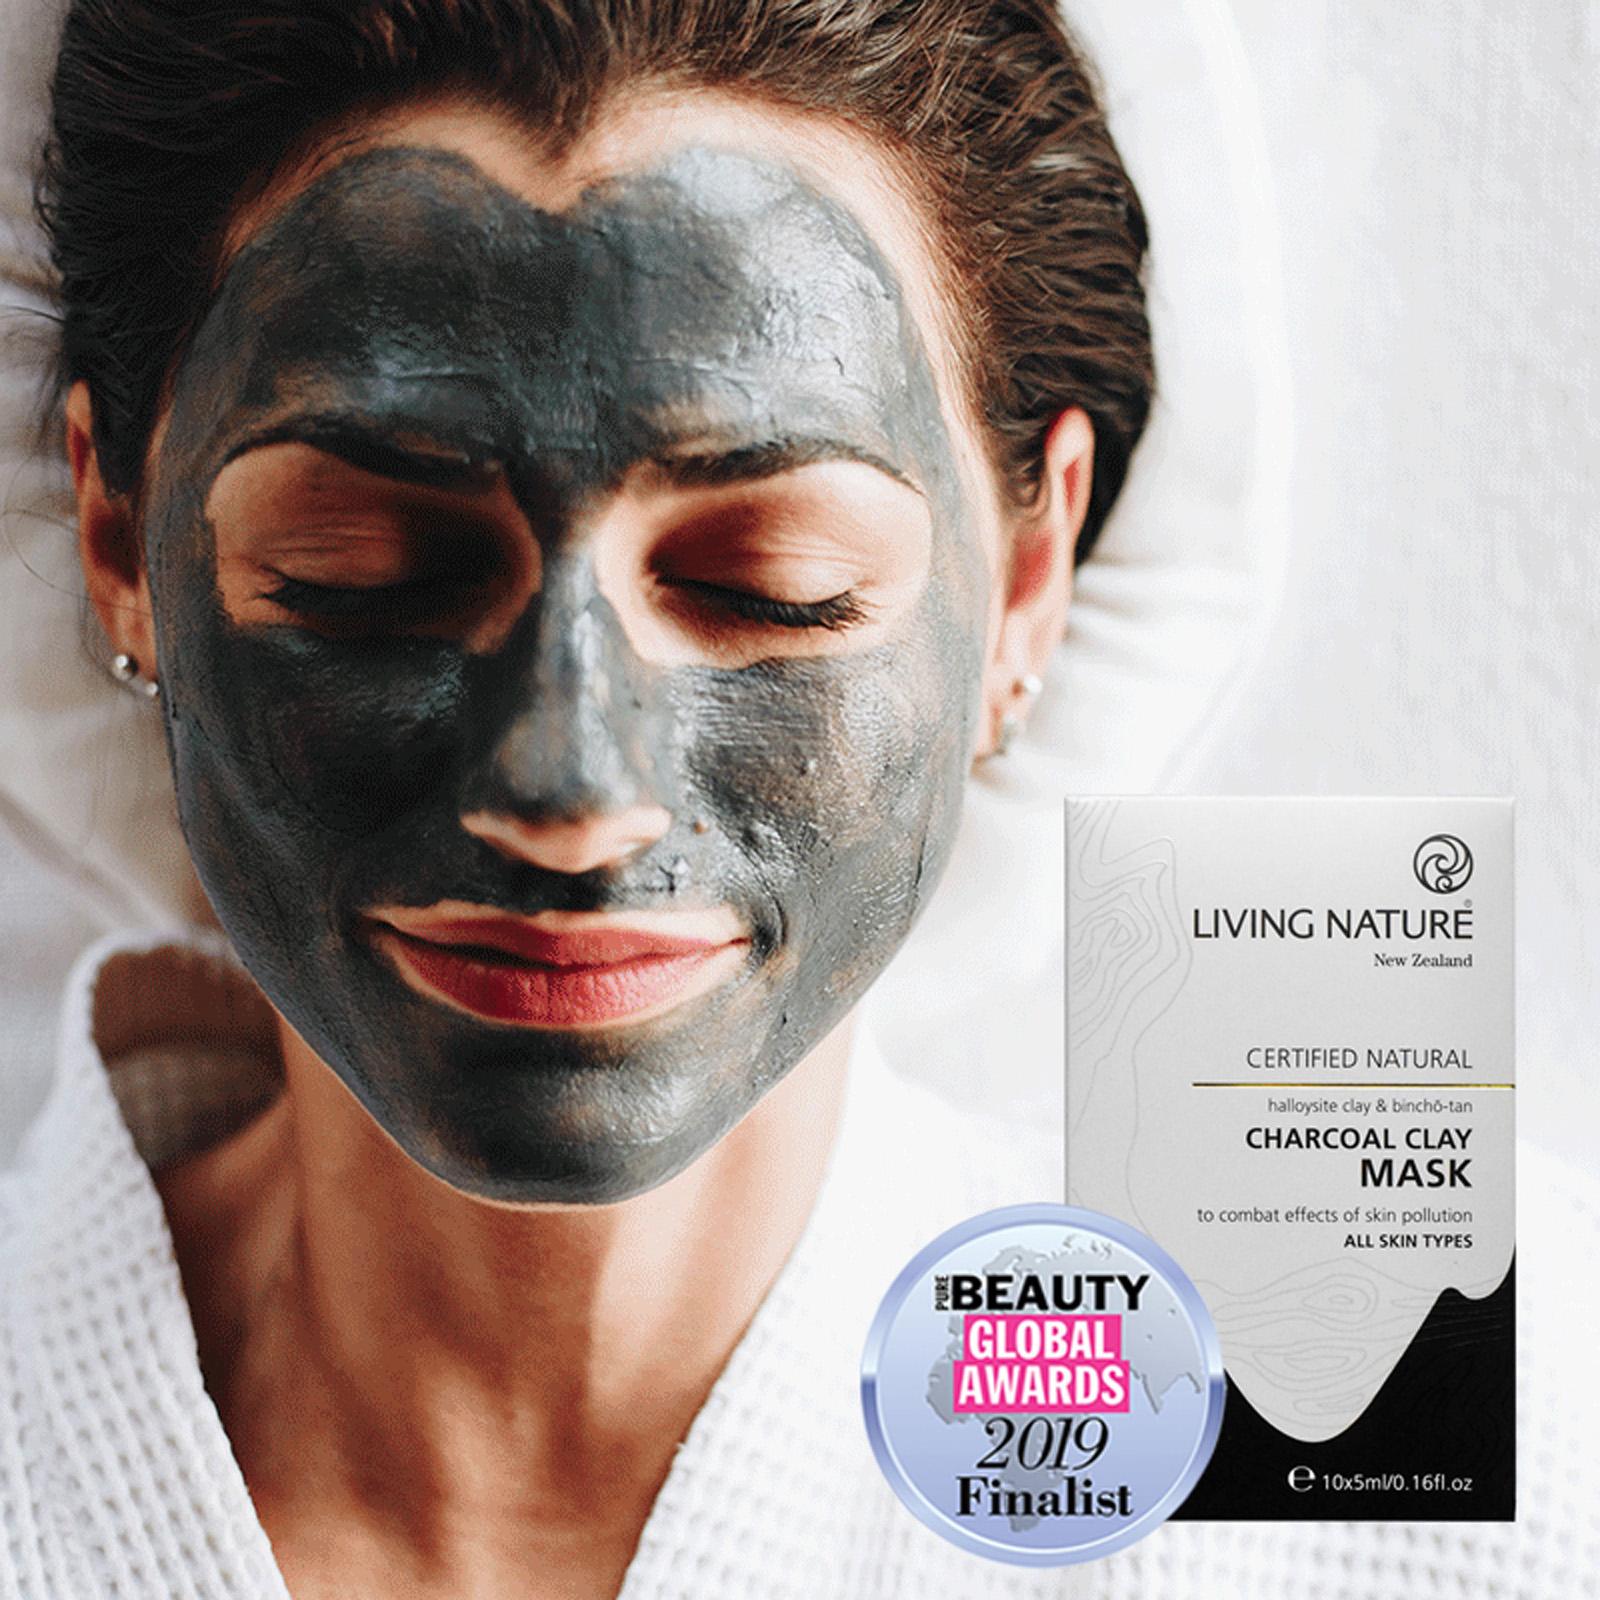 Mặt nạ đất sét Living Nature Charcoal Clay Mask giúp thanh lọc da, ngăn ngừa mụn, thu nhỏ lỗ chân lông